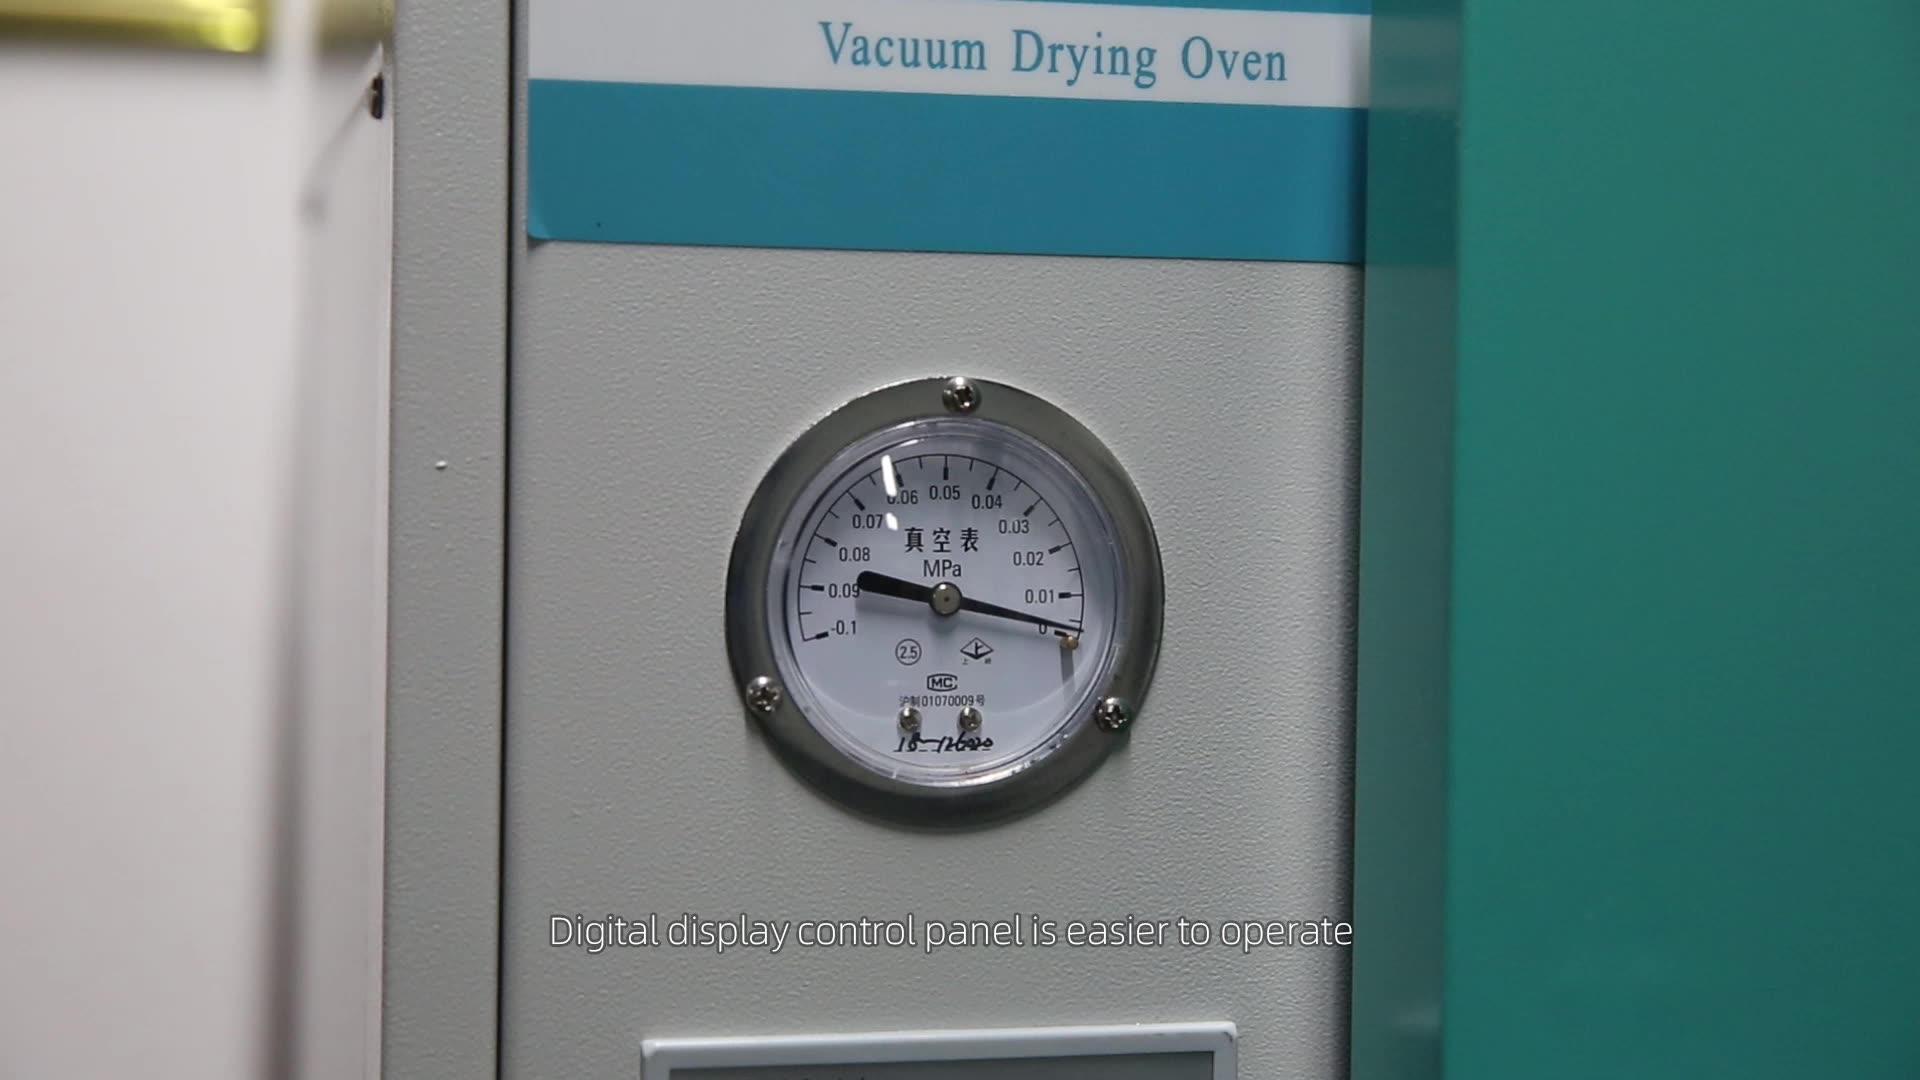 Laboratorio di Vuoto Elettrica Termostatica Forno di Essiccazione